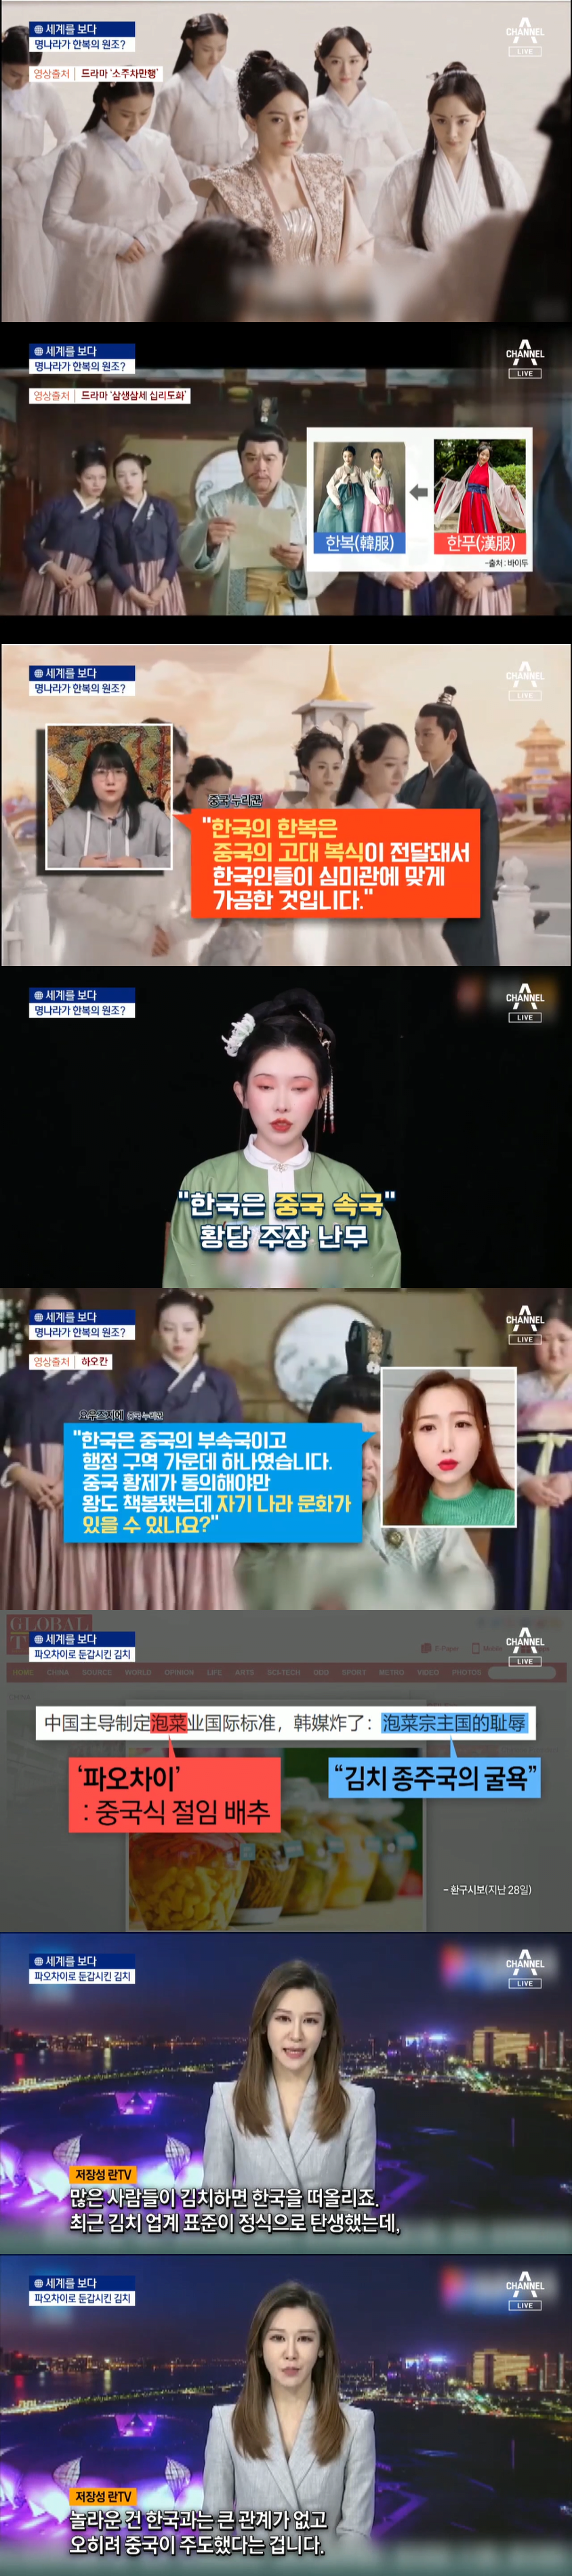 """짱깨들개소리1.PNG.png 중화인민공화국: """"한국 문명 몽땅 우리 거다 해"""""""